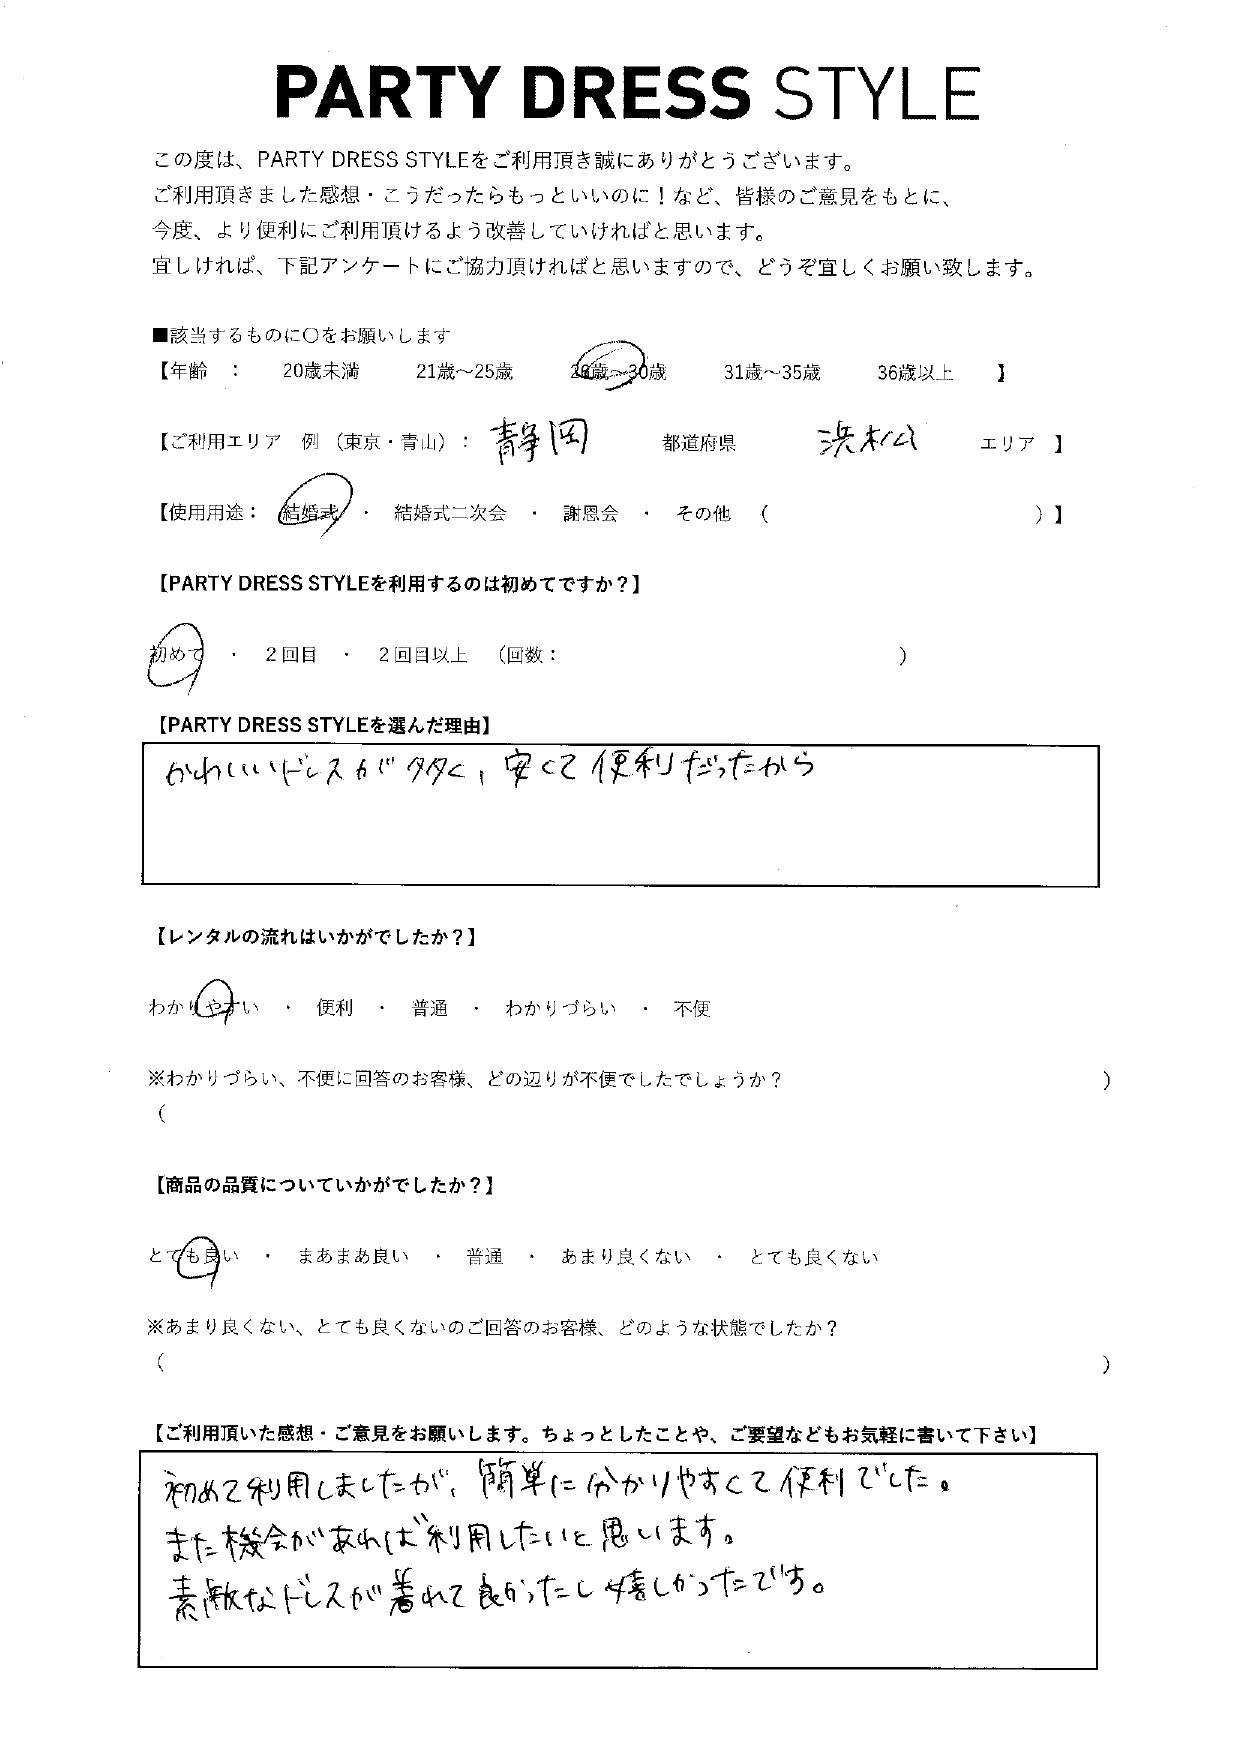 9/12結婚式ご利用 静岡・浜松エリア